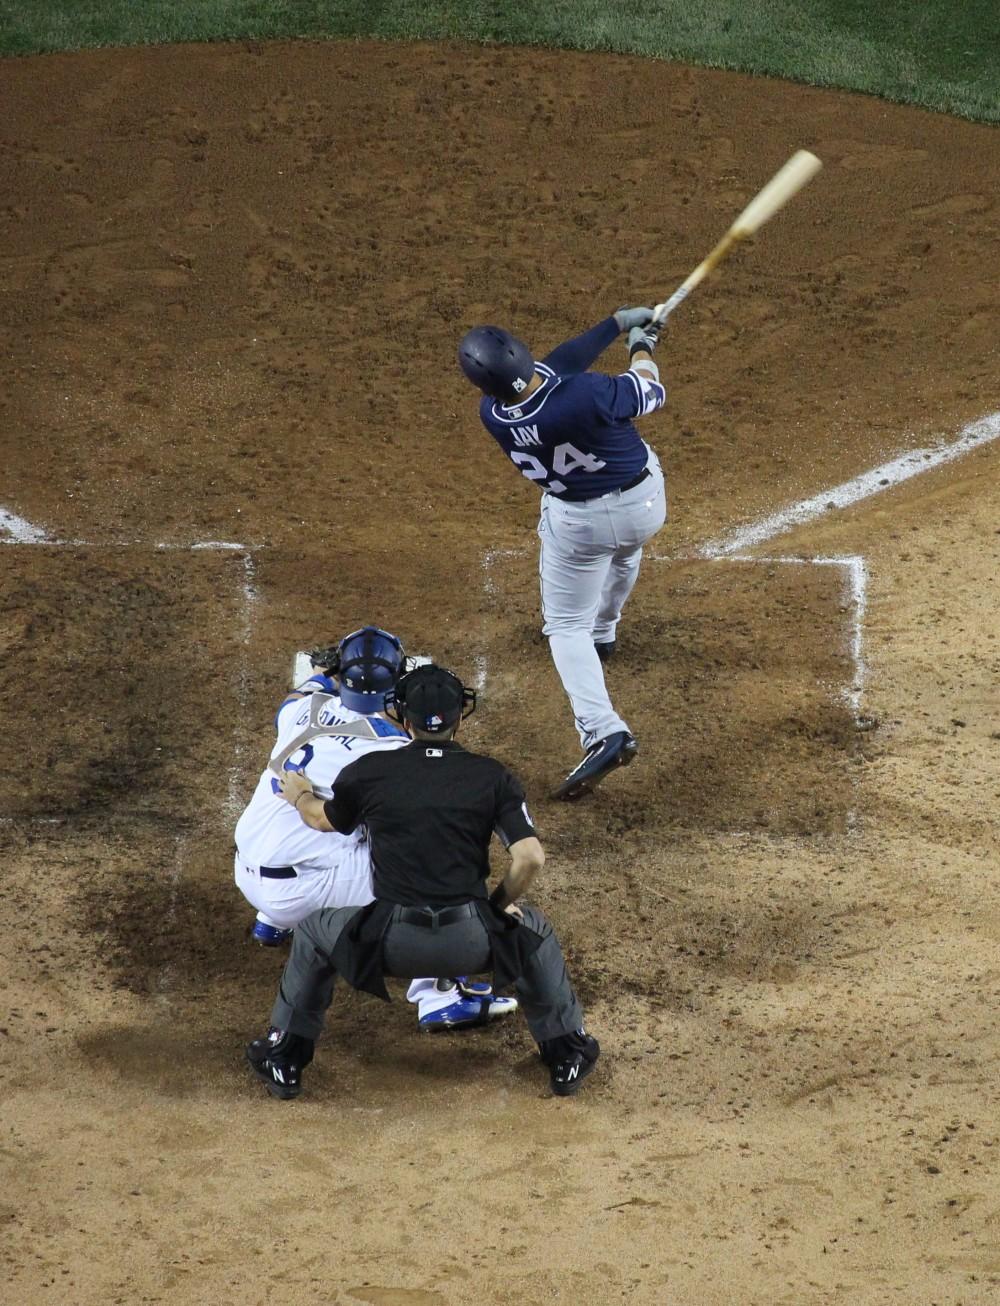 9th inning 2